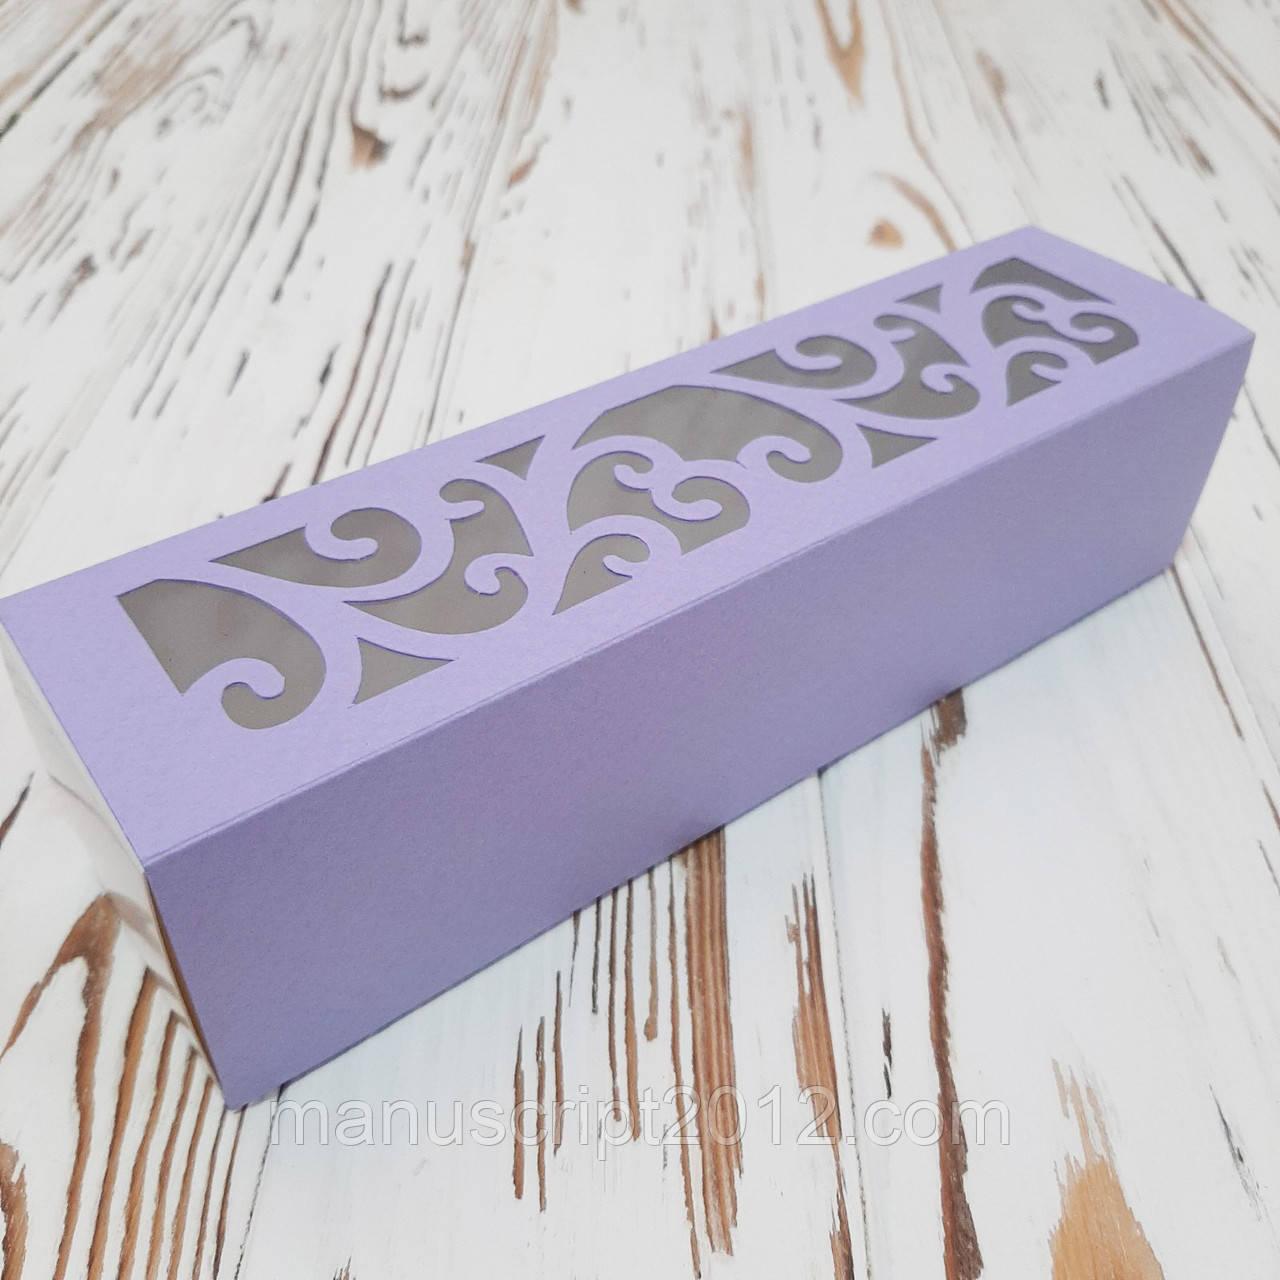 Коробка для макарунс лавандова 200х50х50 мм.